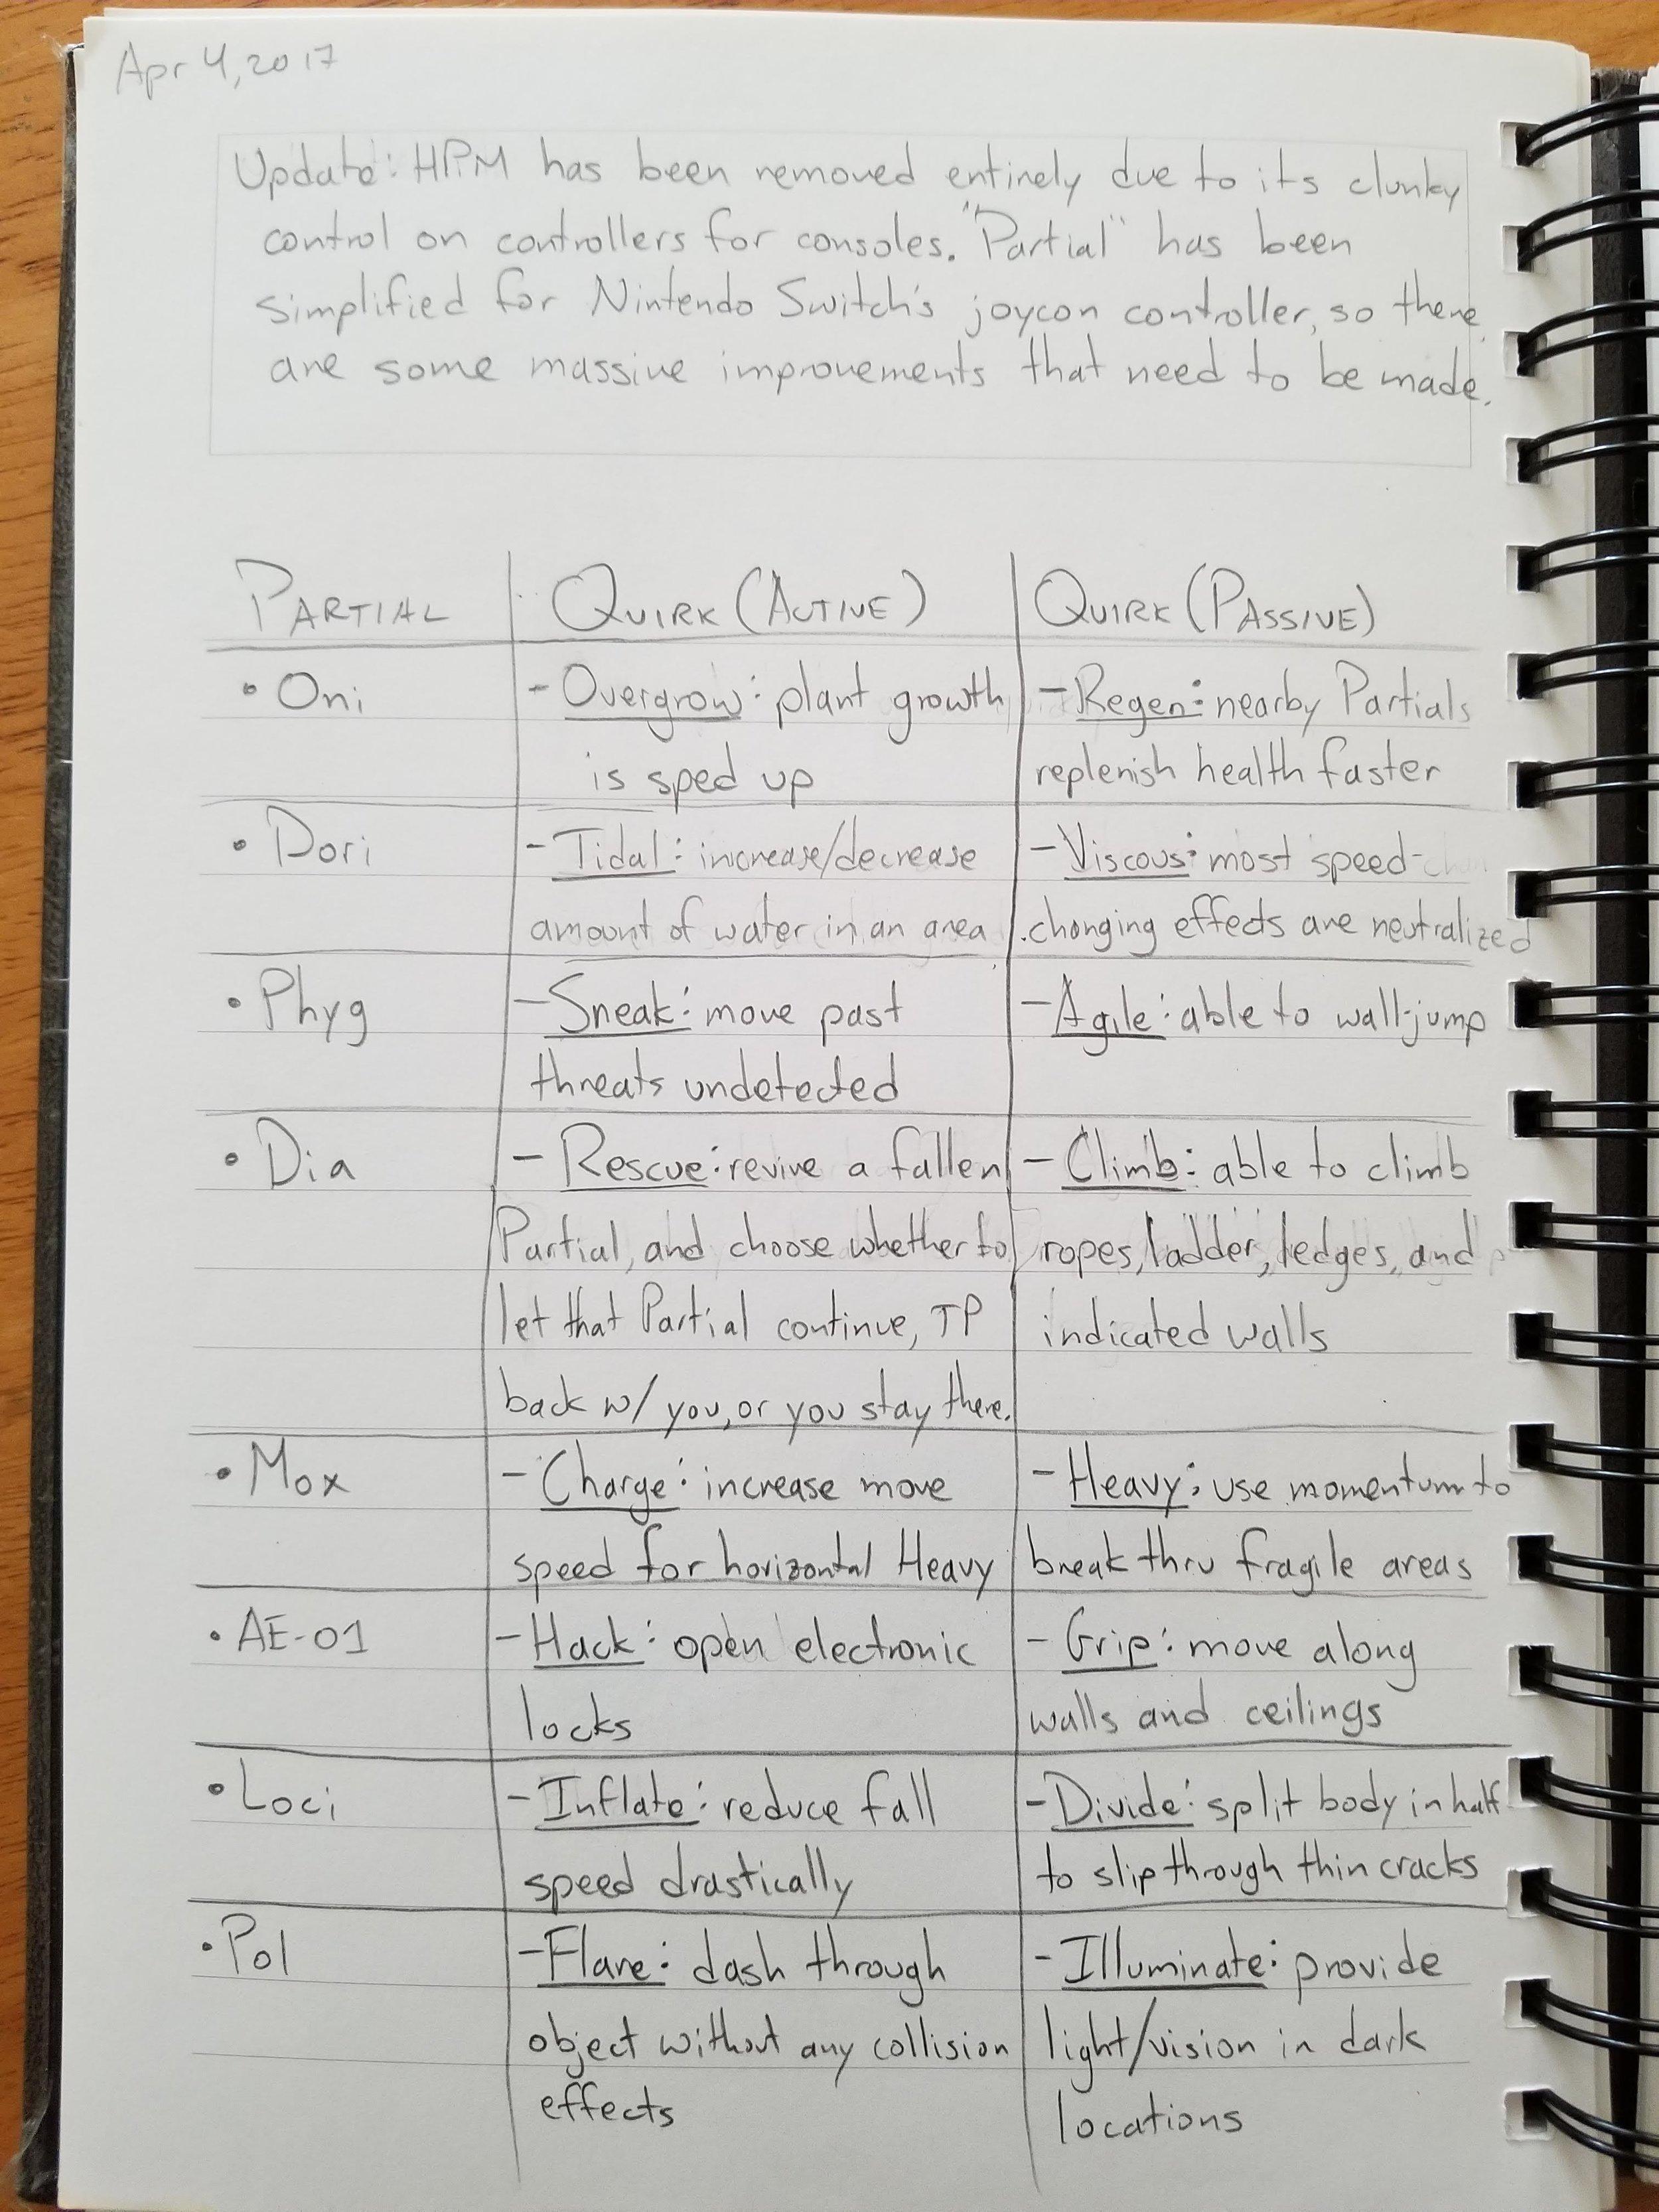 partial_notes_design9.jpg